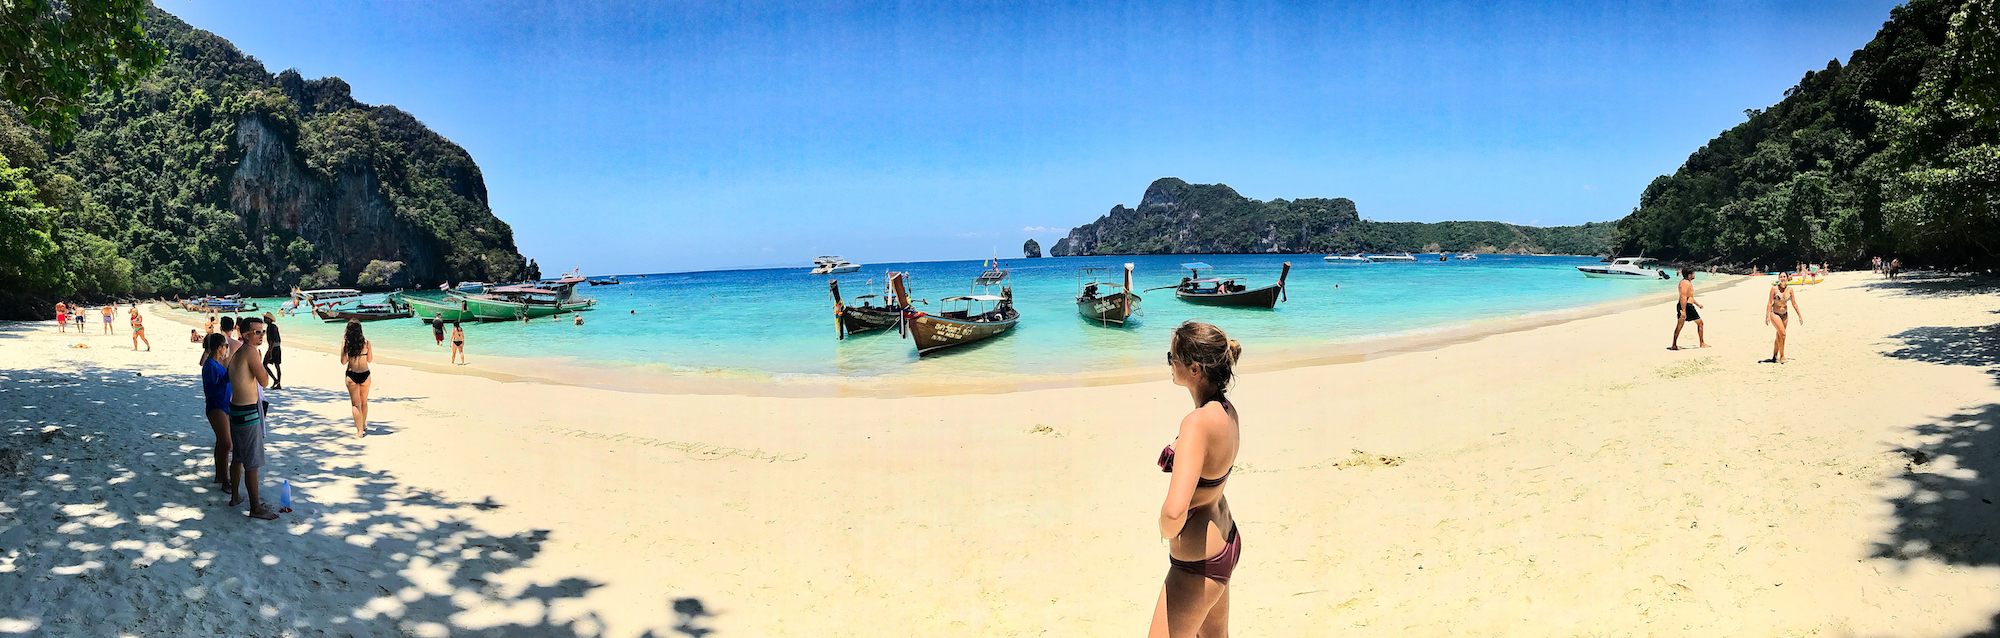 Plaża Tajlandia